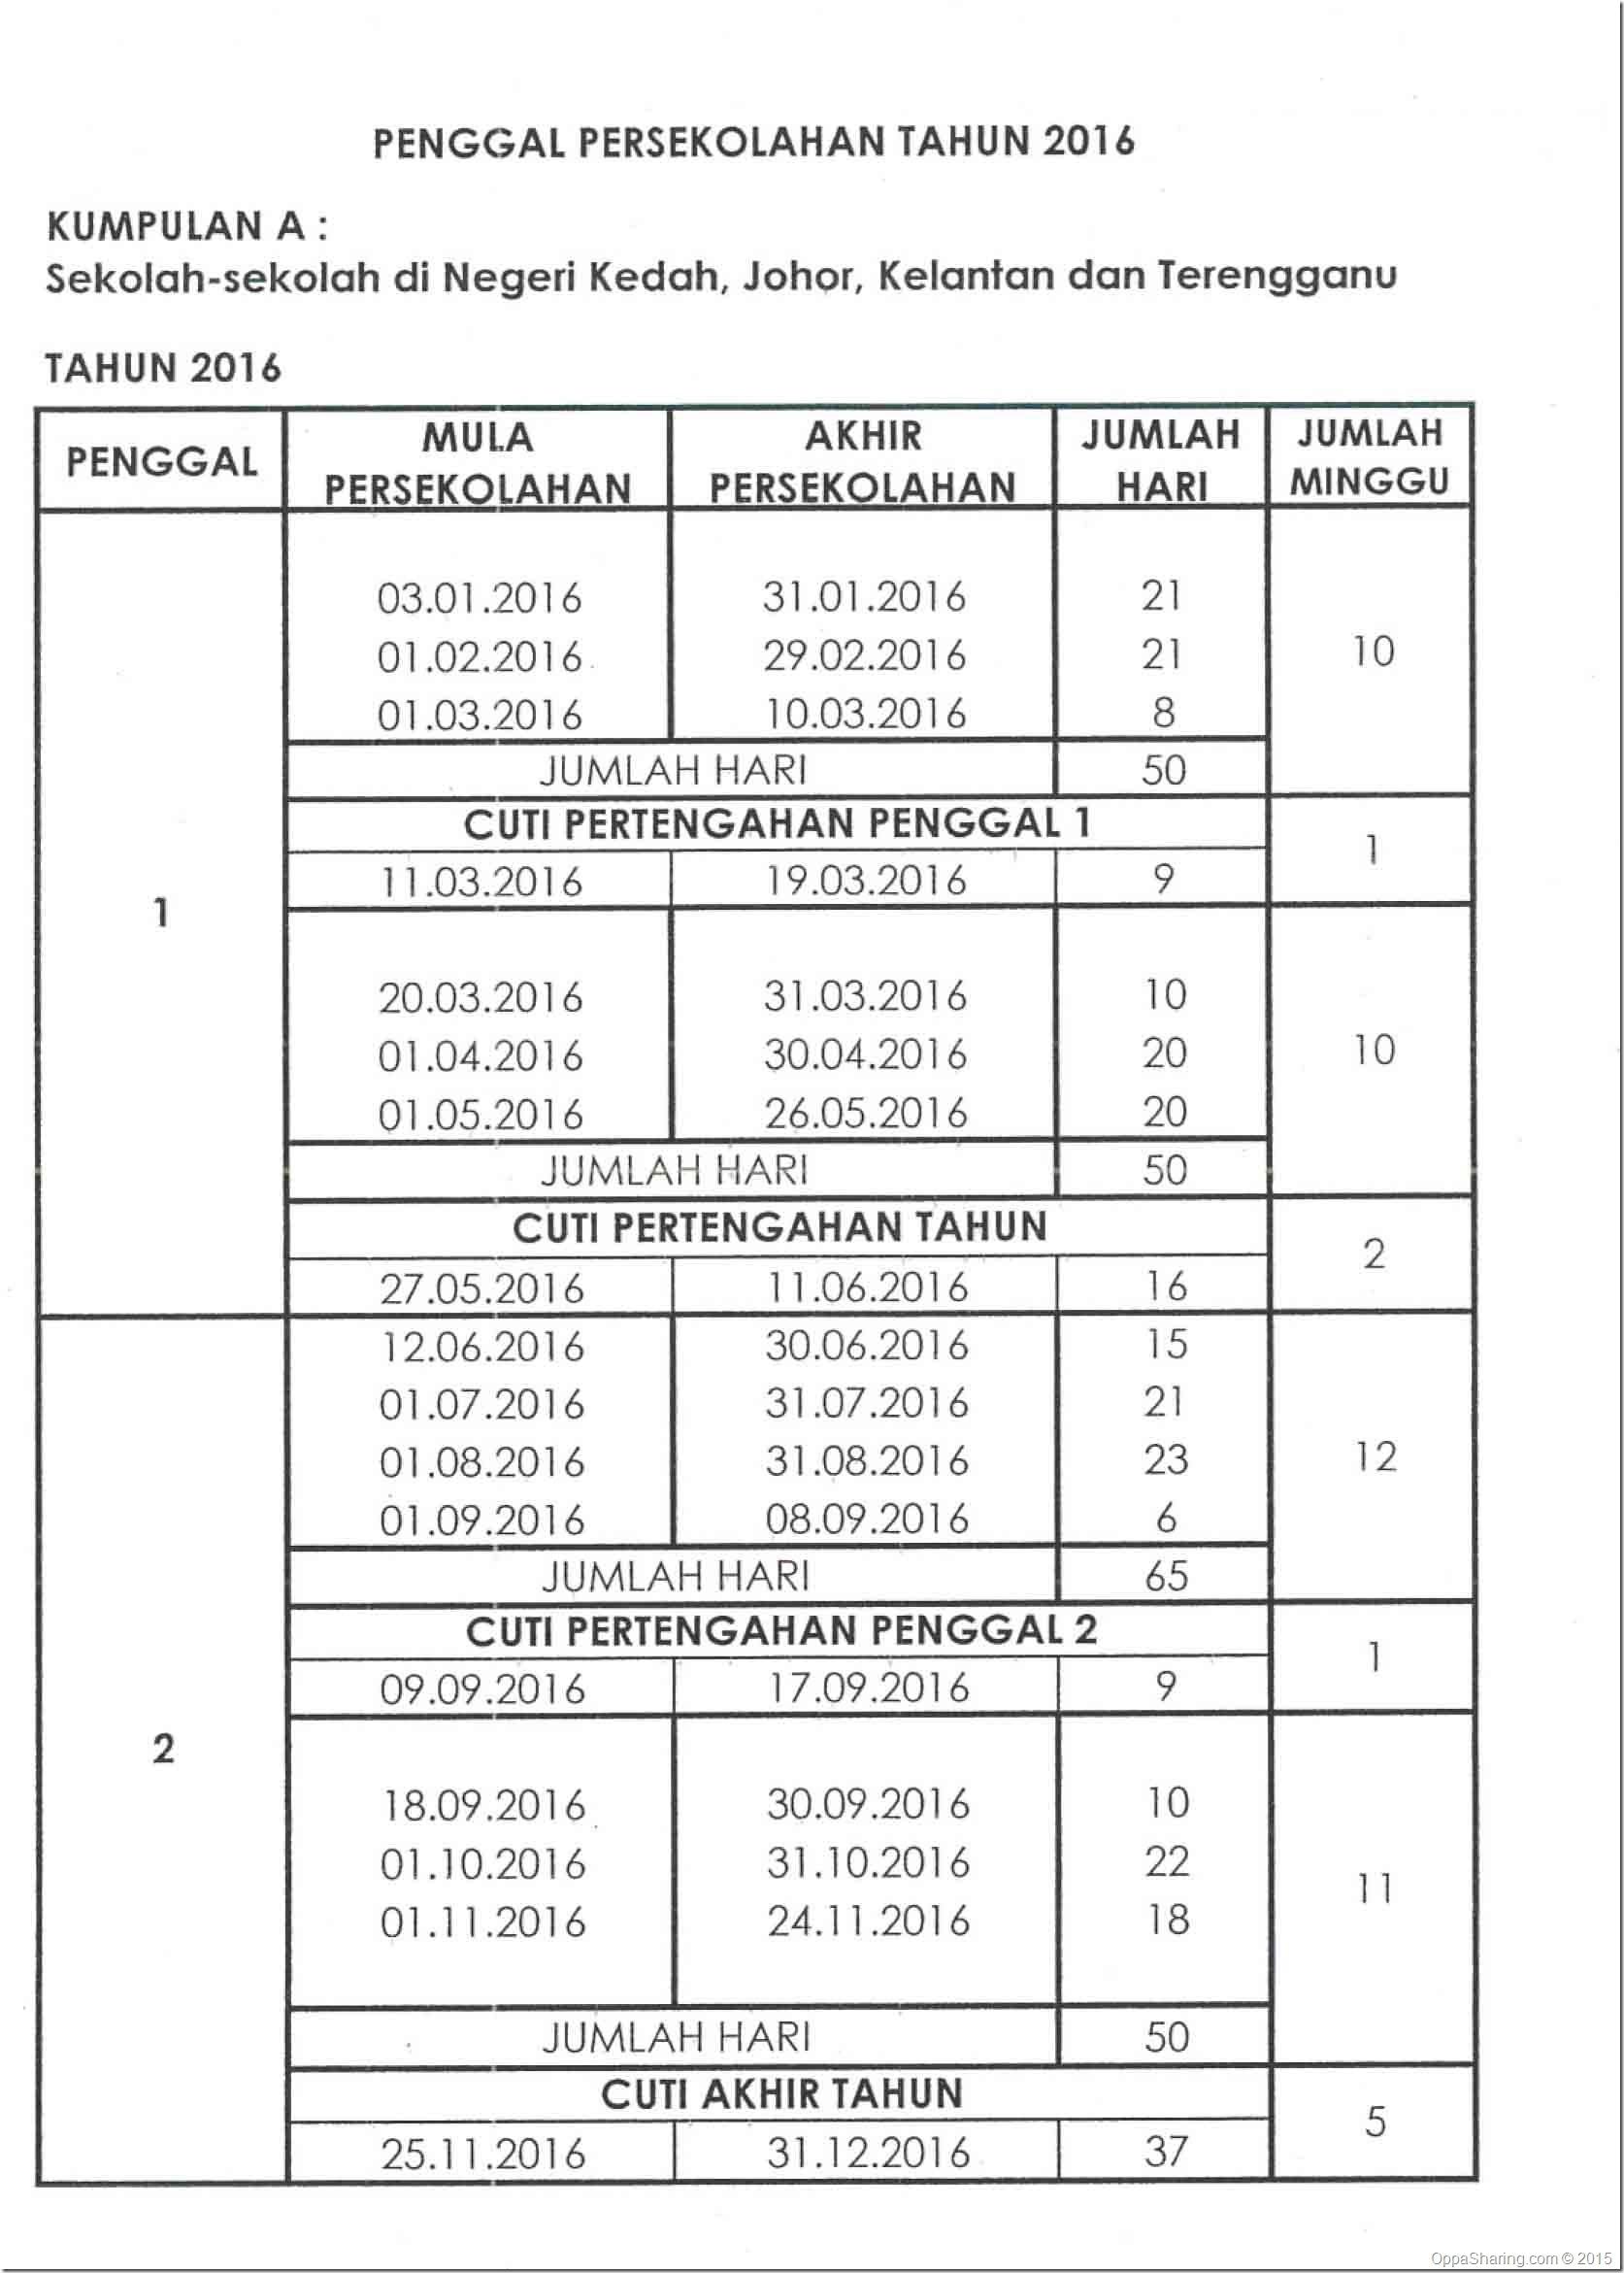 Takwim Sekolah 2016- Kumpulan A